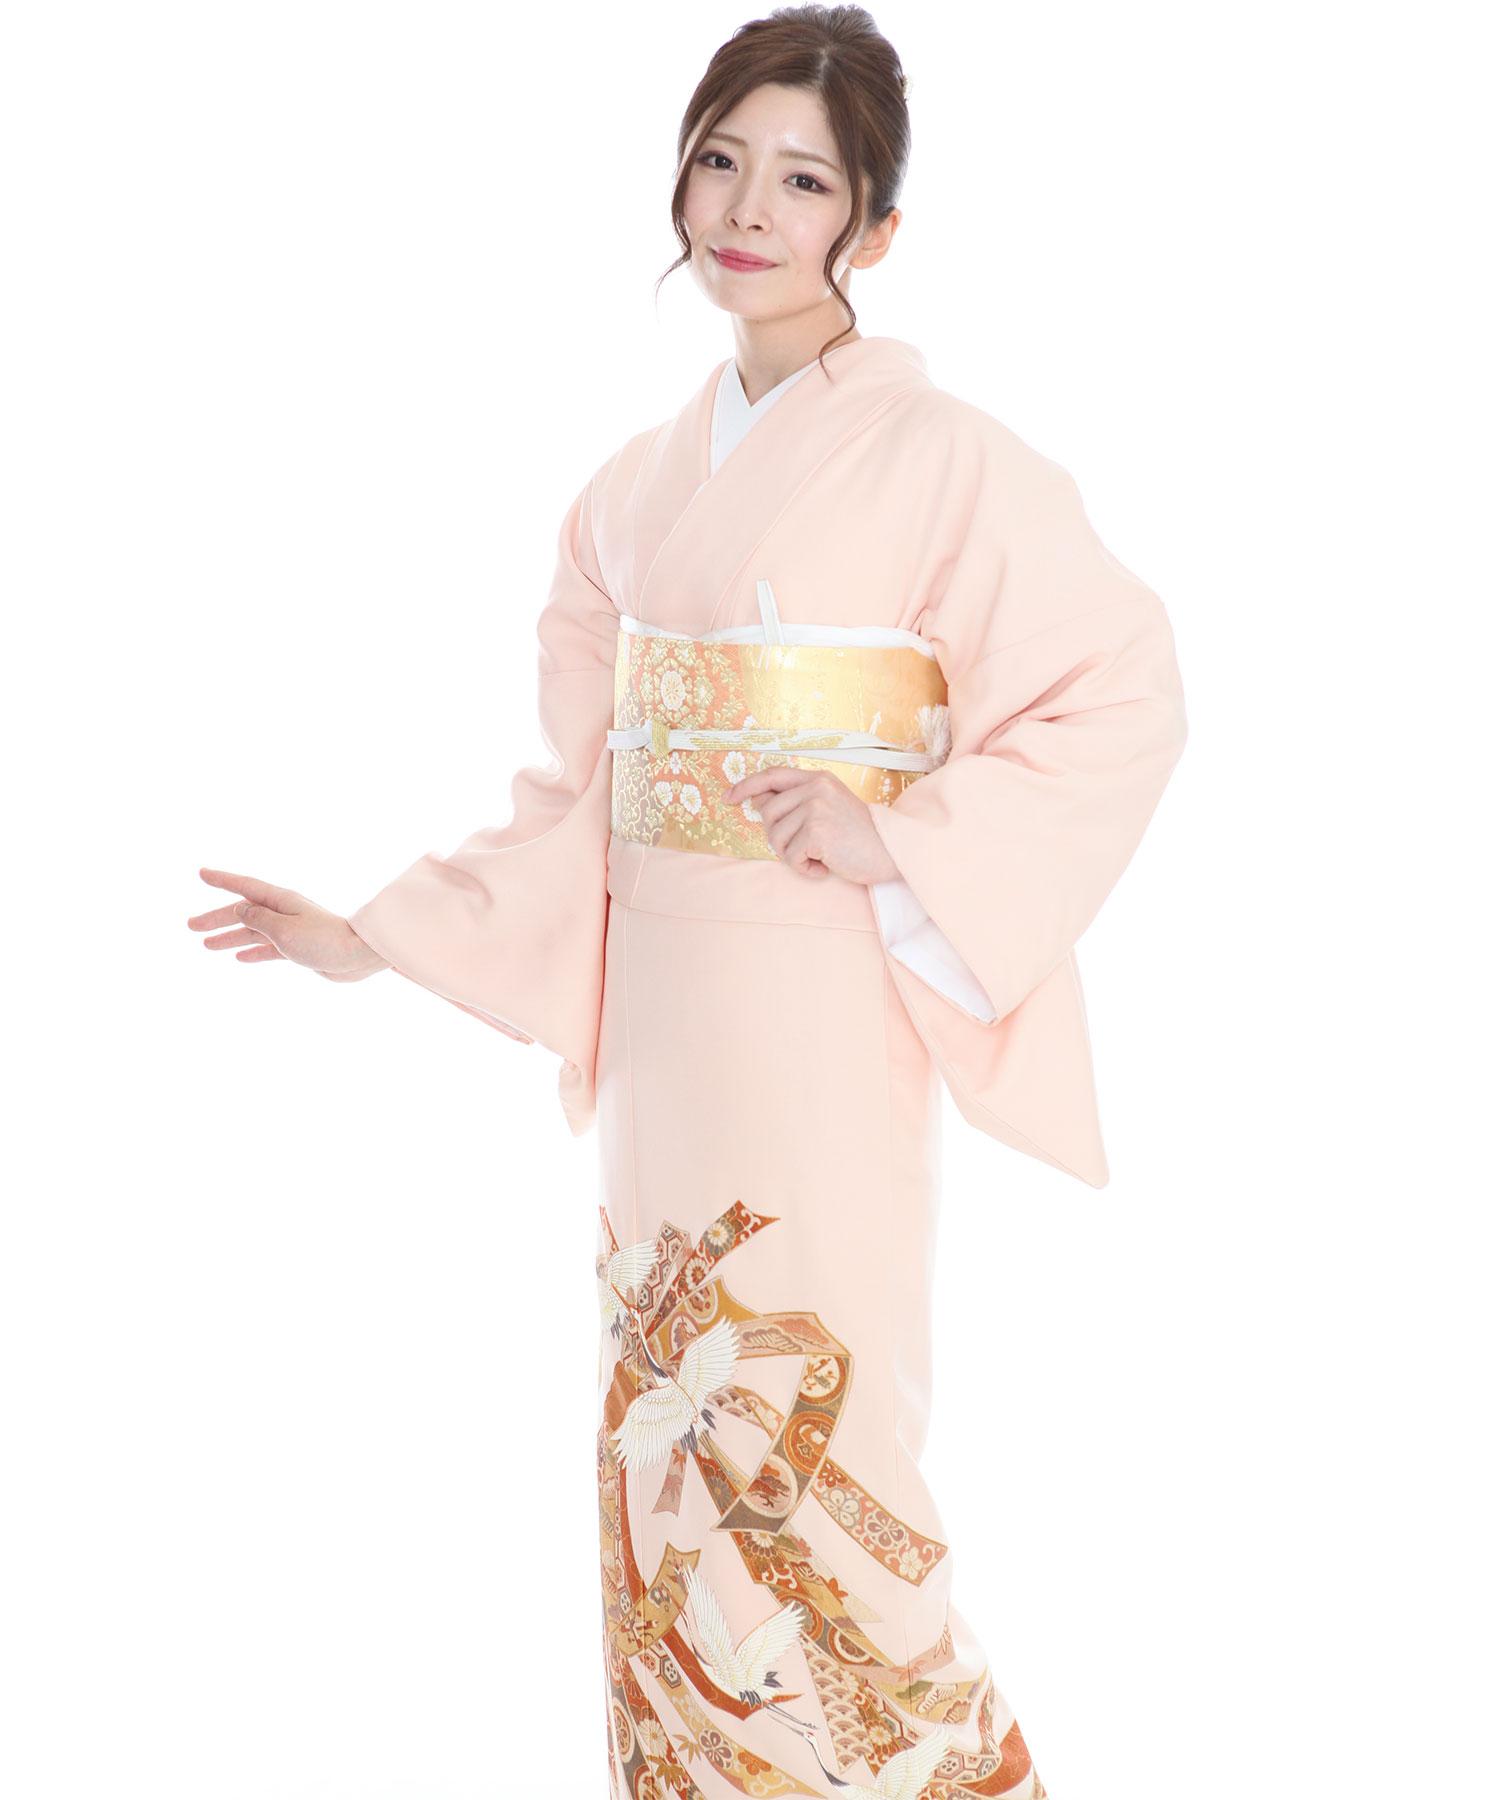 色留袖レンタル 薄ピンク地に束ね熨斗と鶴